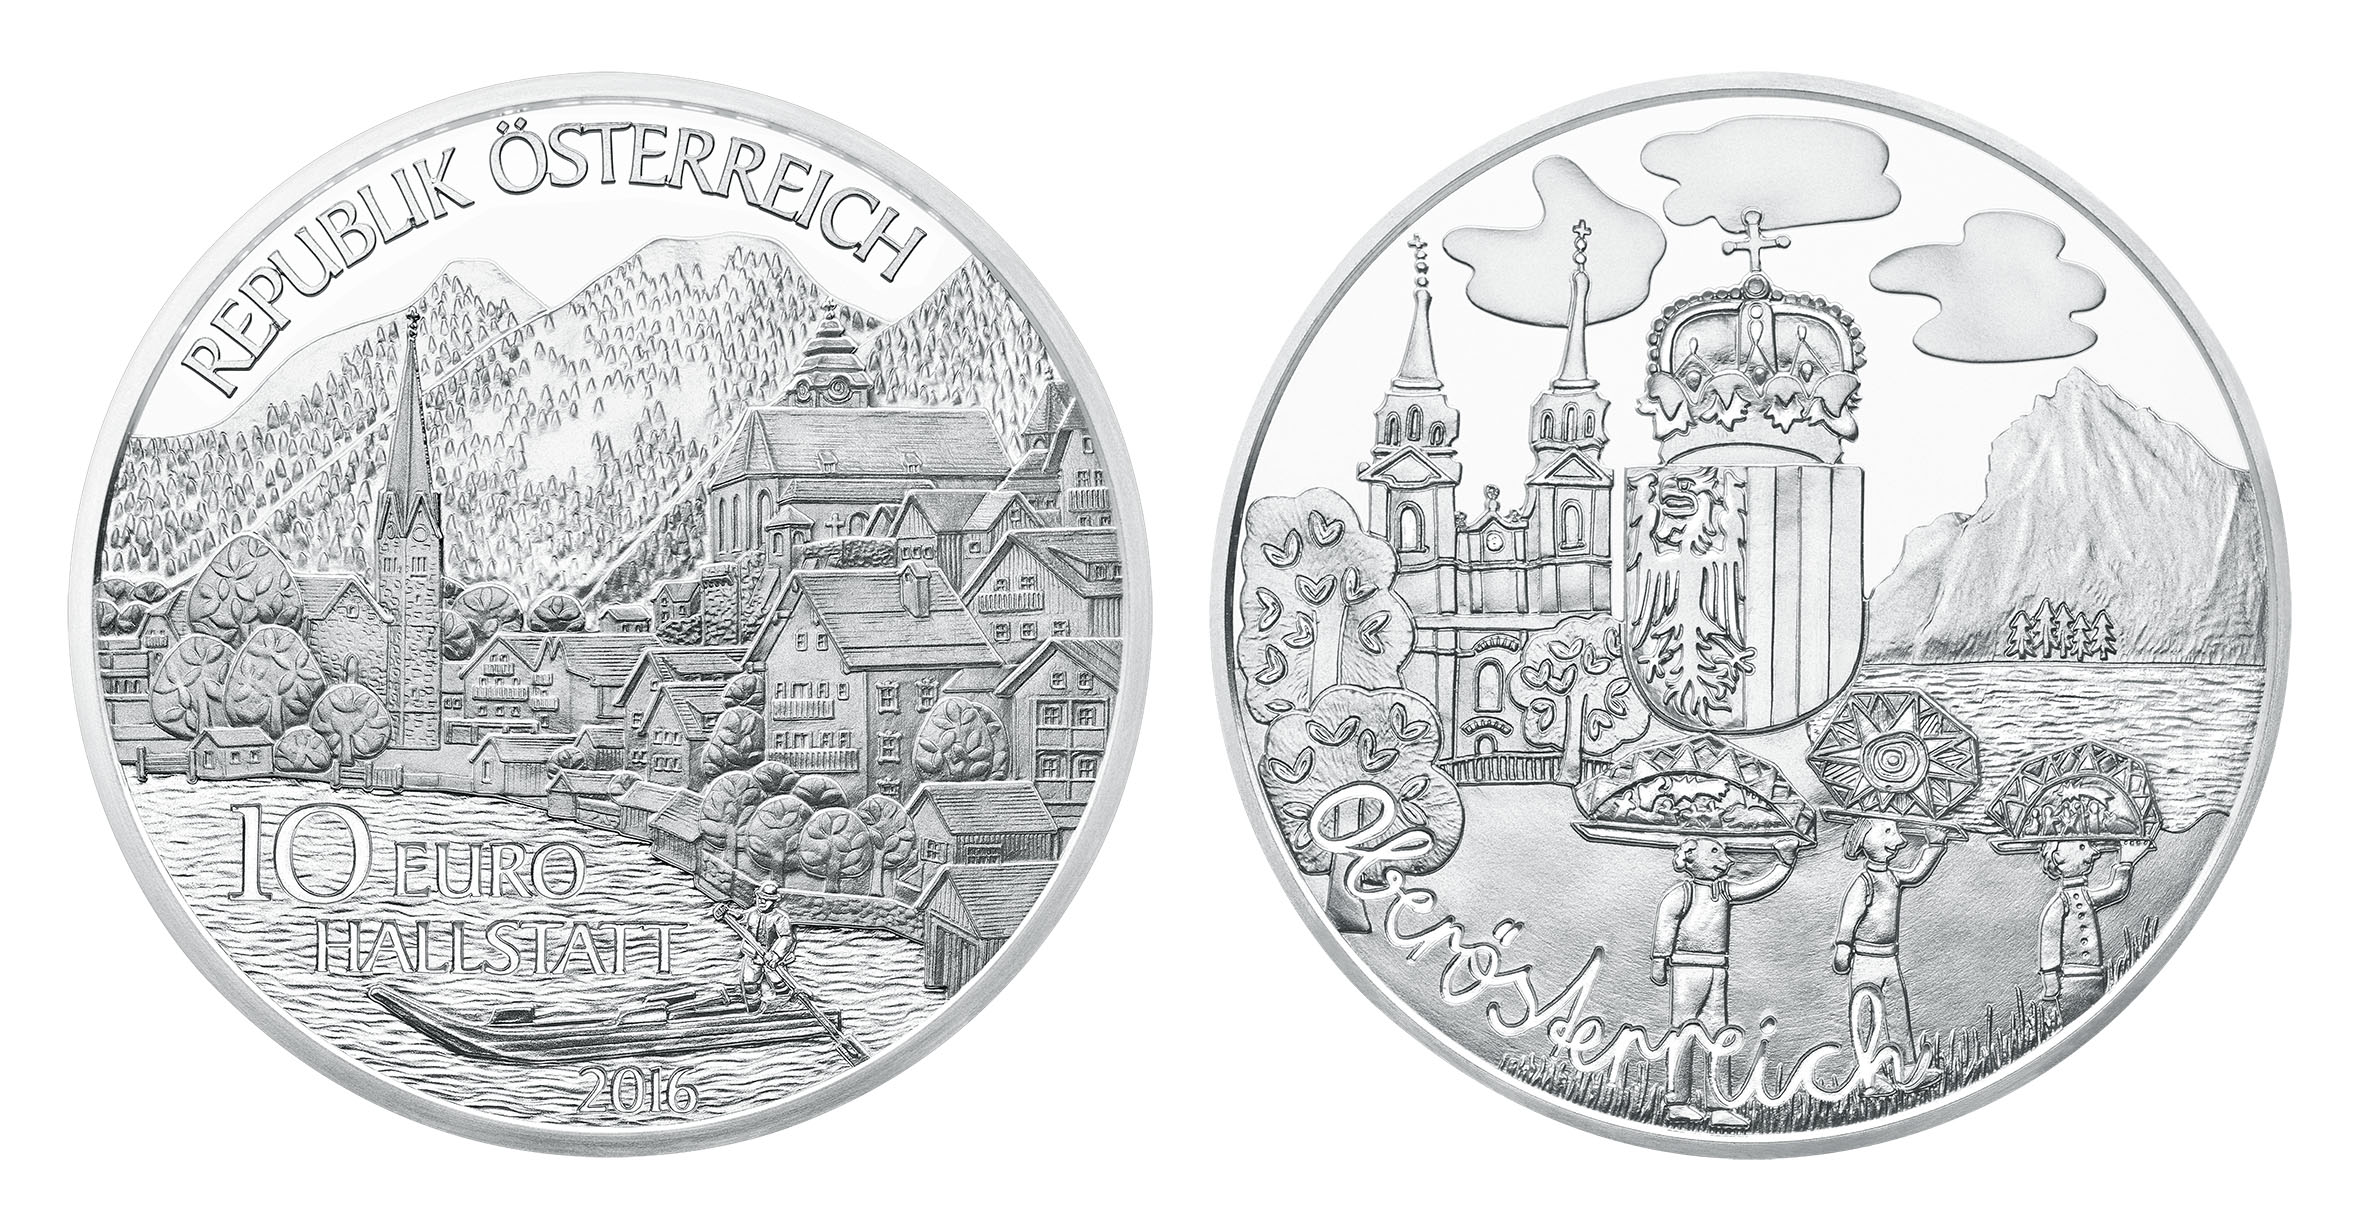 Numismatik Cafe Thema Anzeigen 10 Euro Münze Oberösterreich 2016